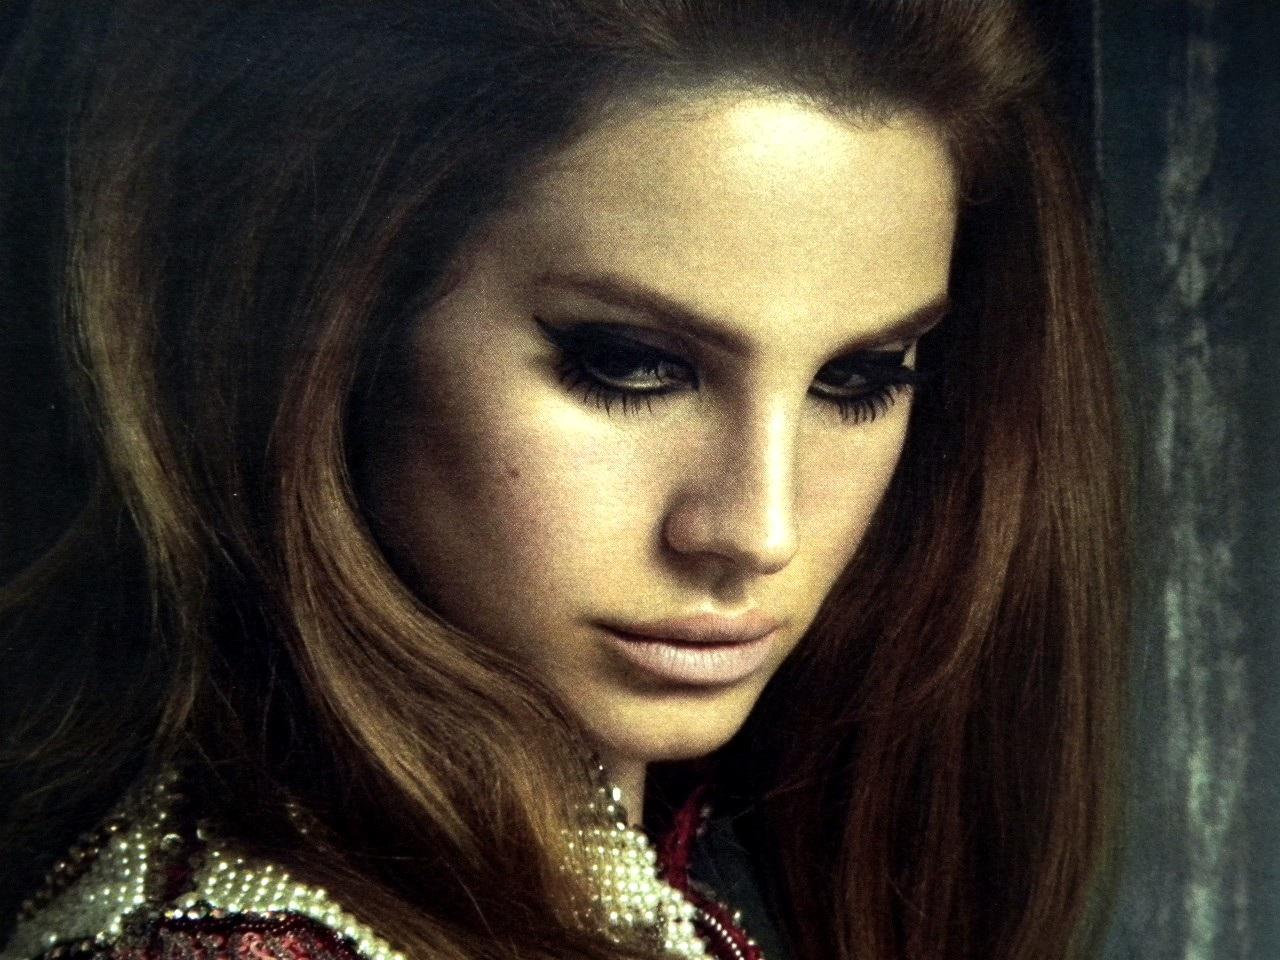 http://1.bp.blogspot.com/-ToCKwgMJJPo/T9saKVyL5zI/AAAAAAAABUo/ArZz1aj56U0/s1600/lana+del+rey+hairstyles-beautifulhairstyles-info.blogspot.com-Interview-Magazine-scans-Lana-Del-Rey-lana-del-rey-28602311-1280-960.jpg